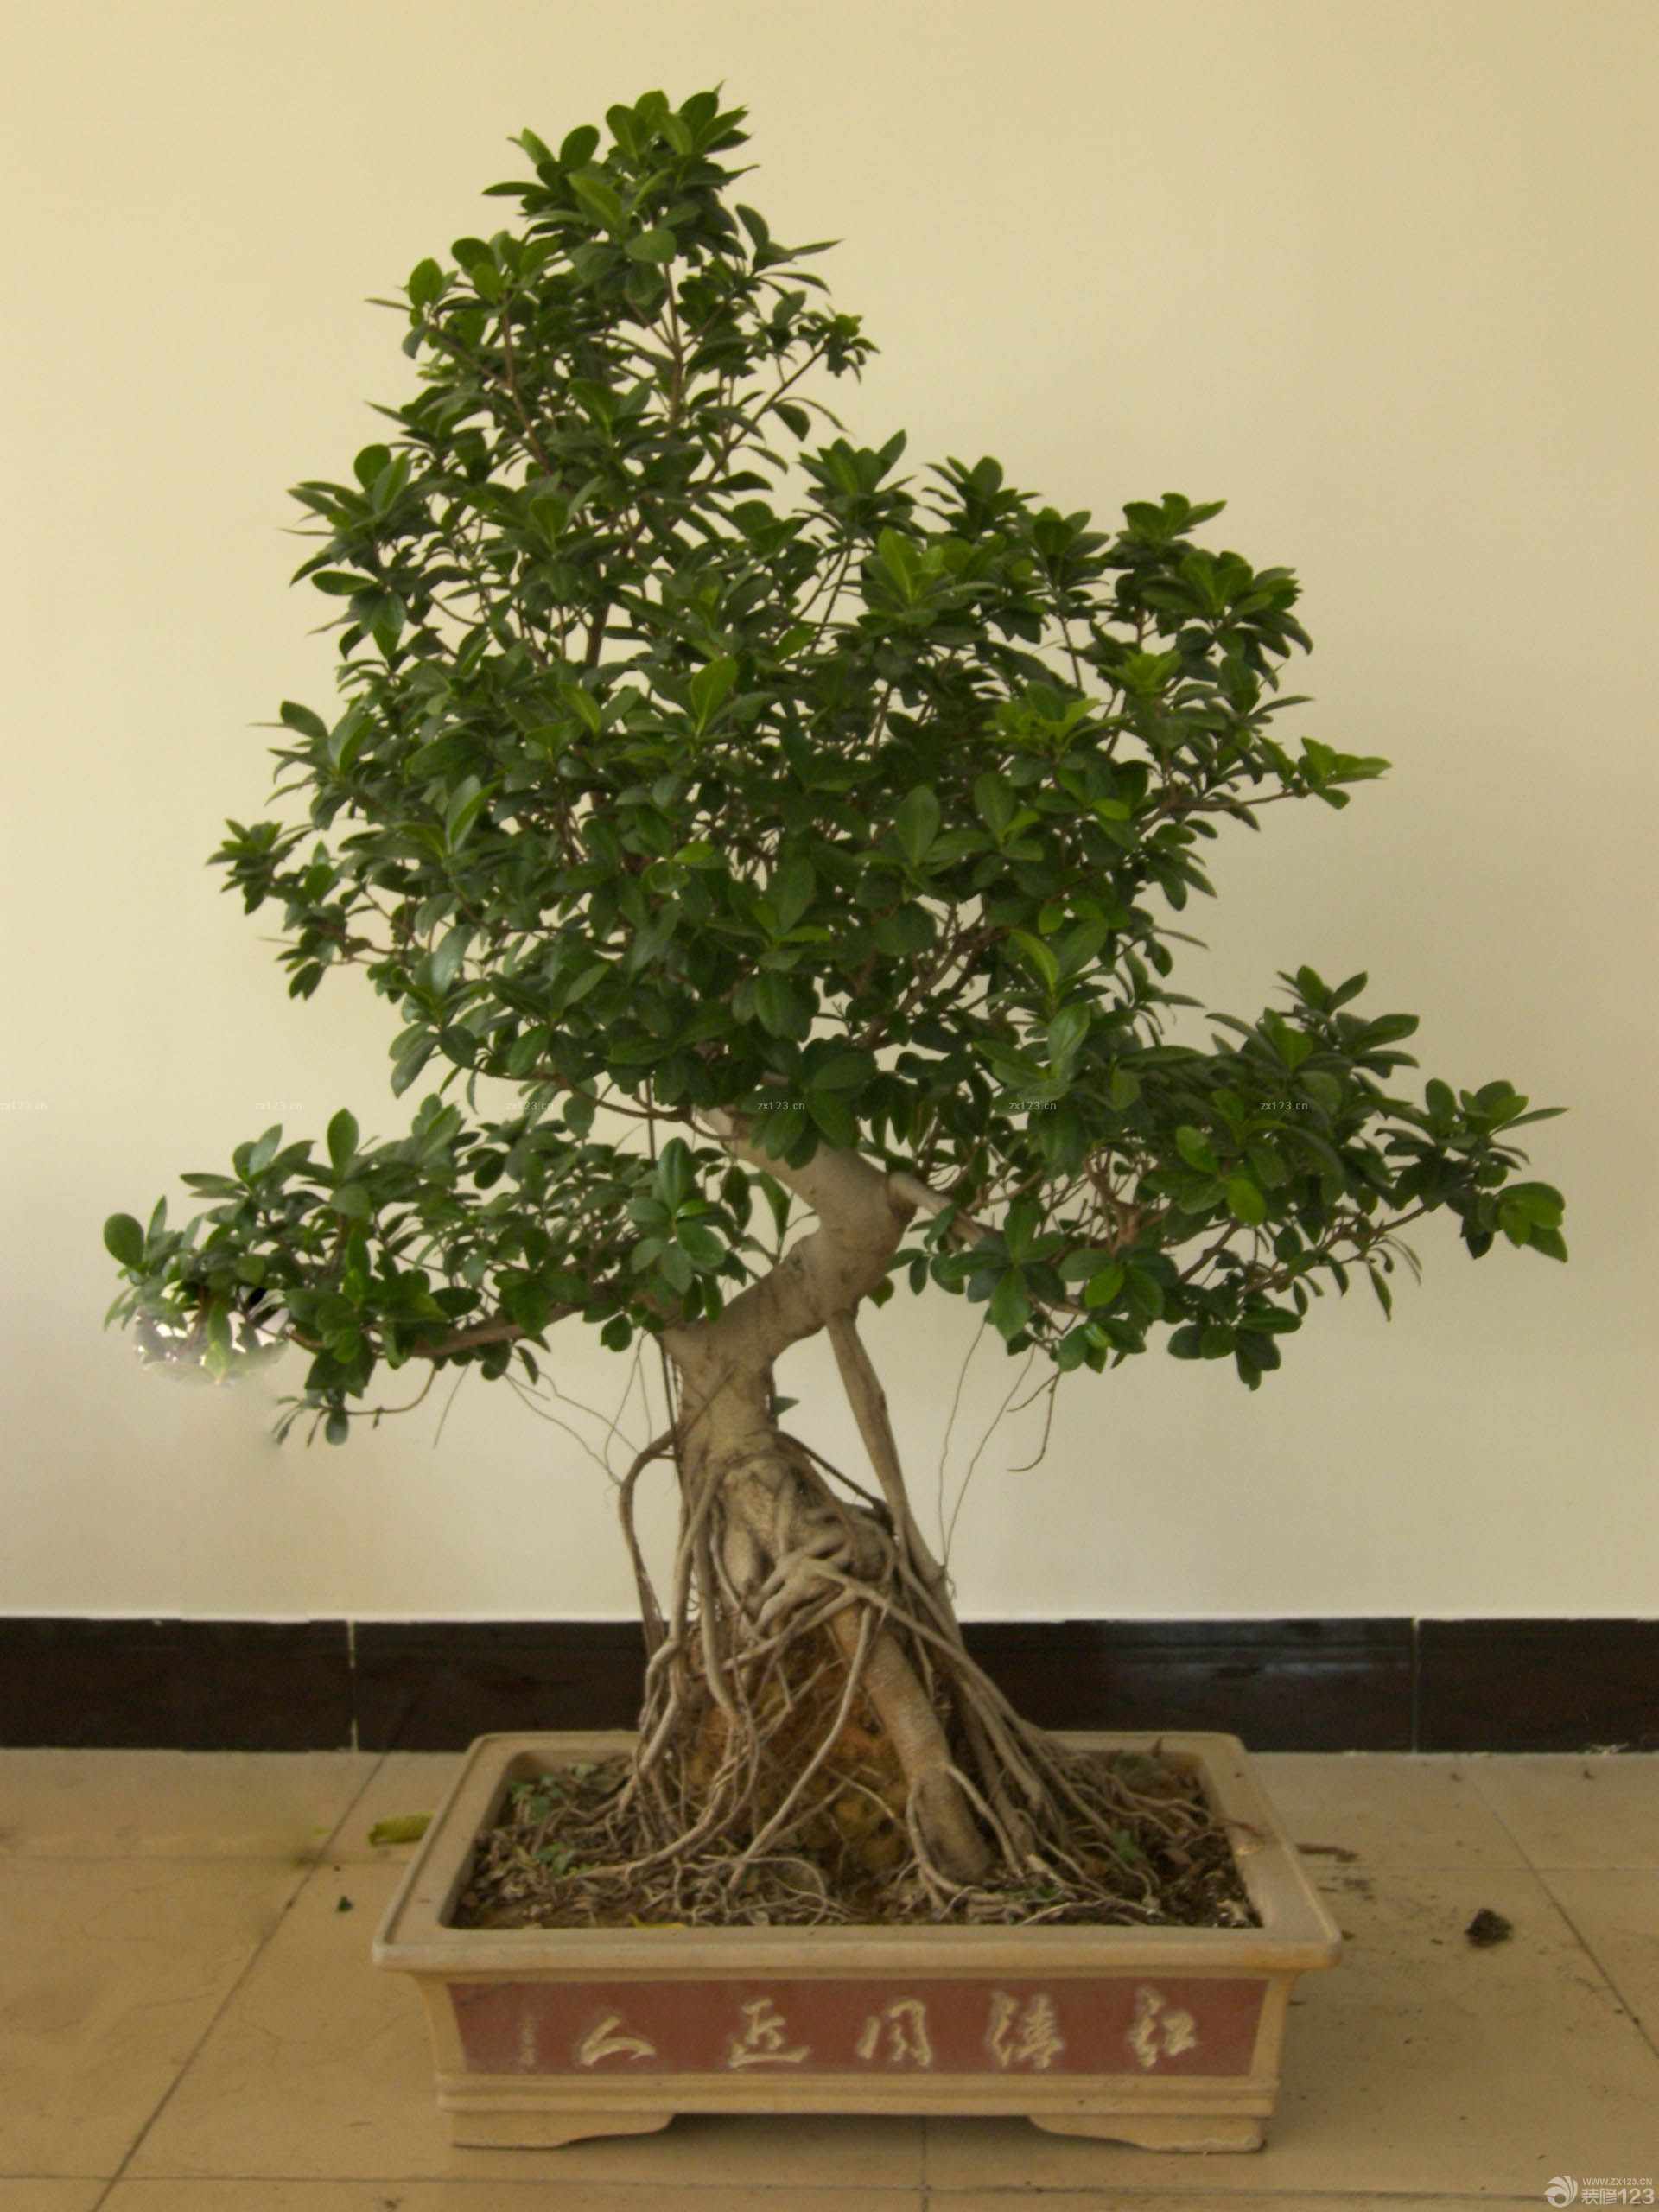 茂盛小叶榕树盆景图片欣赏